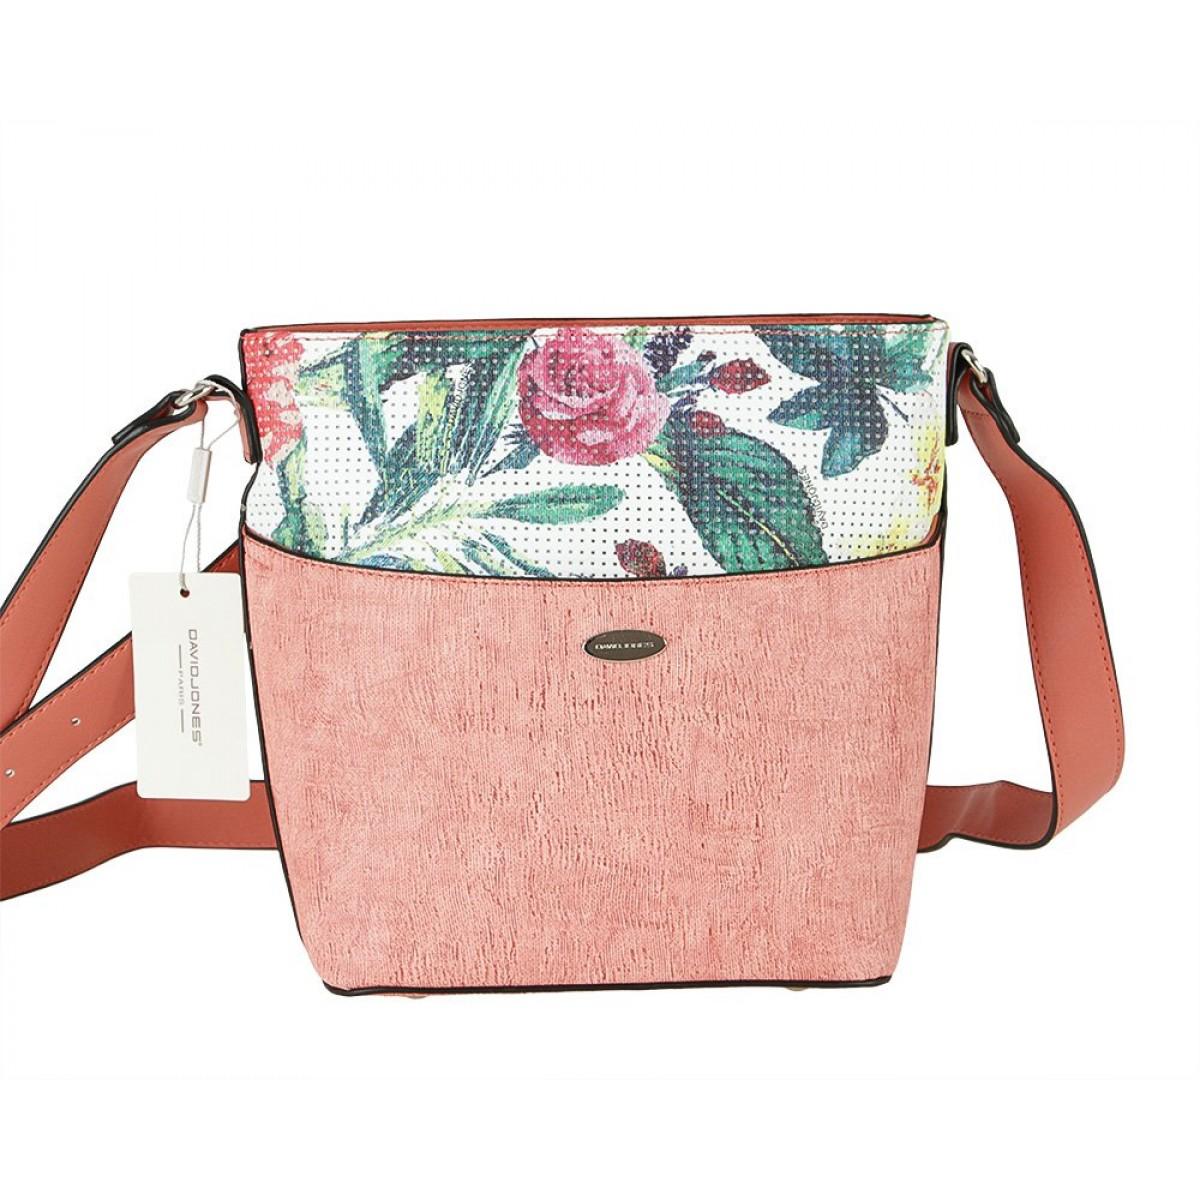 Жіноча сумка David Jones 6298-1 RASPBERRY